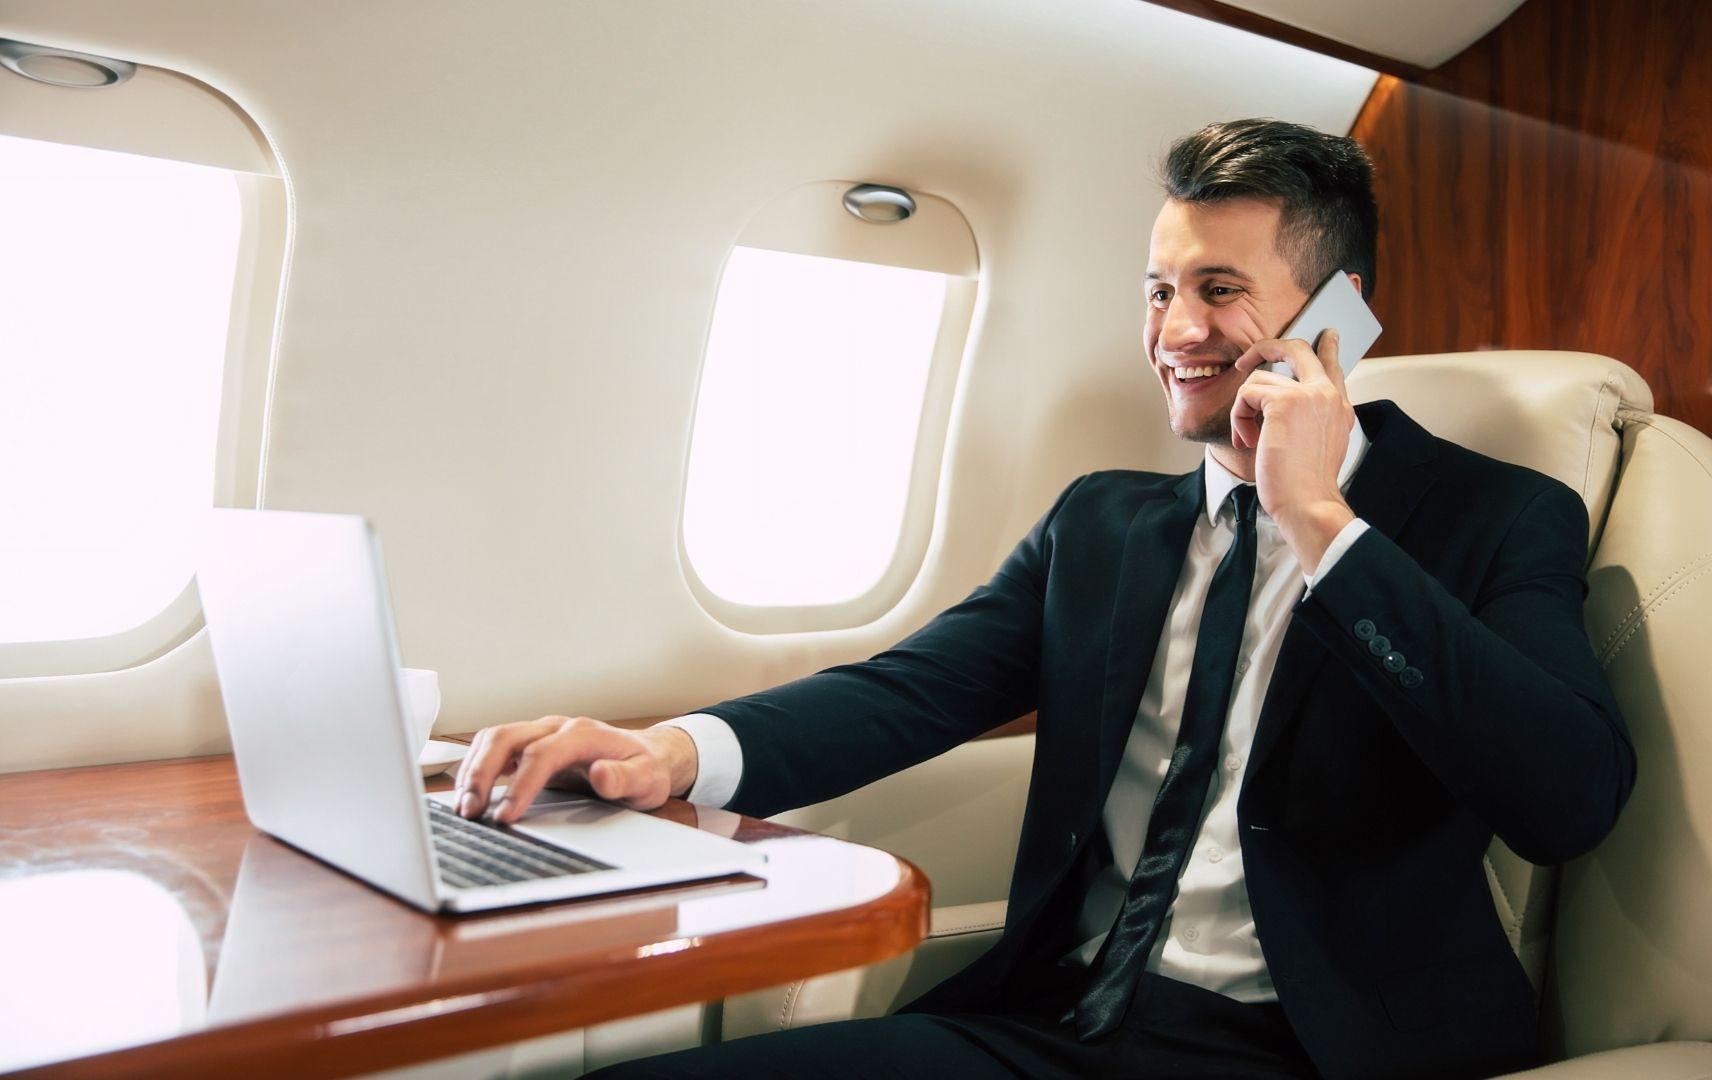 Mann am Laptop und Telefon im Flugzeug